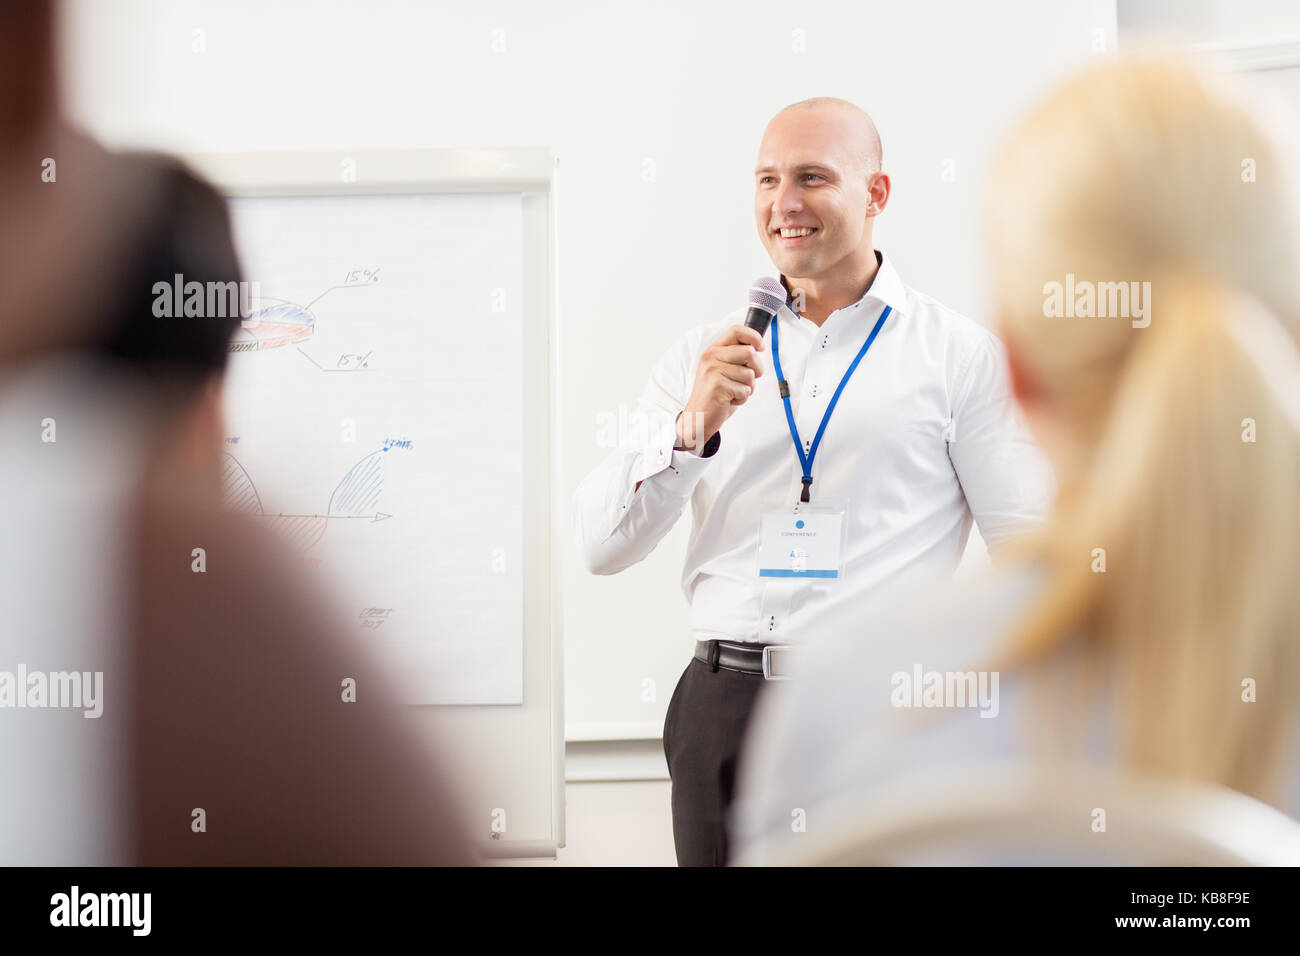 Gruppe von Personen bei Business Konferenz Stockfoto